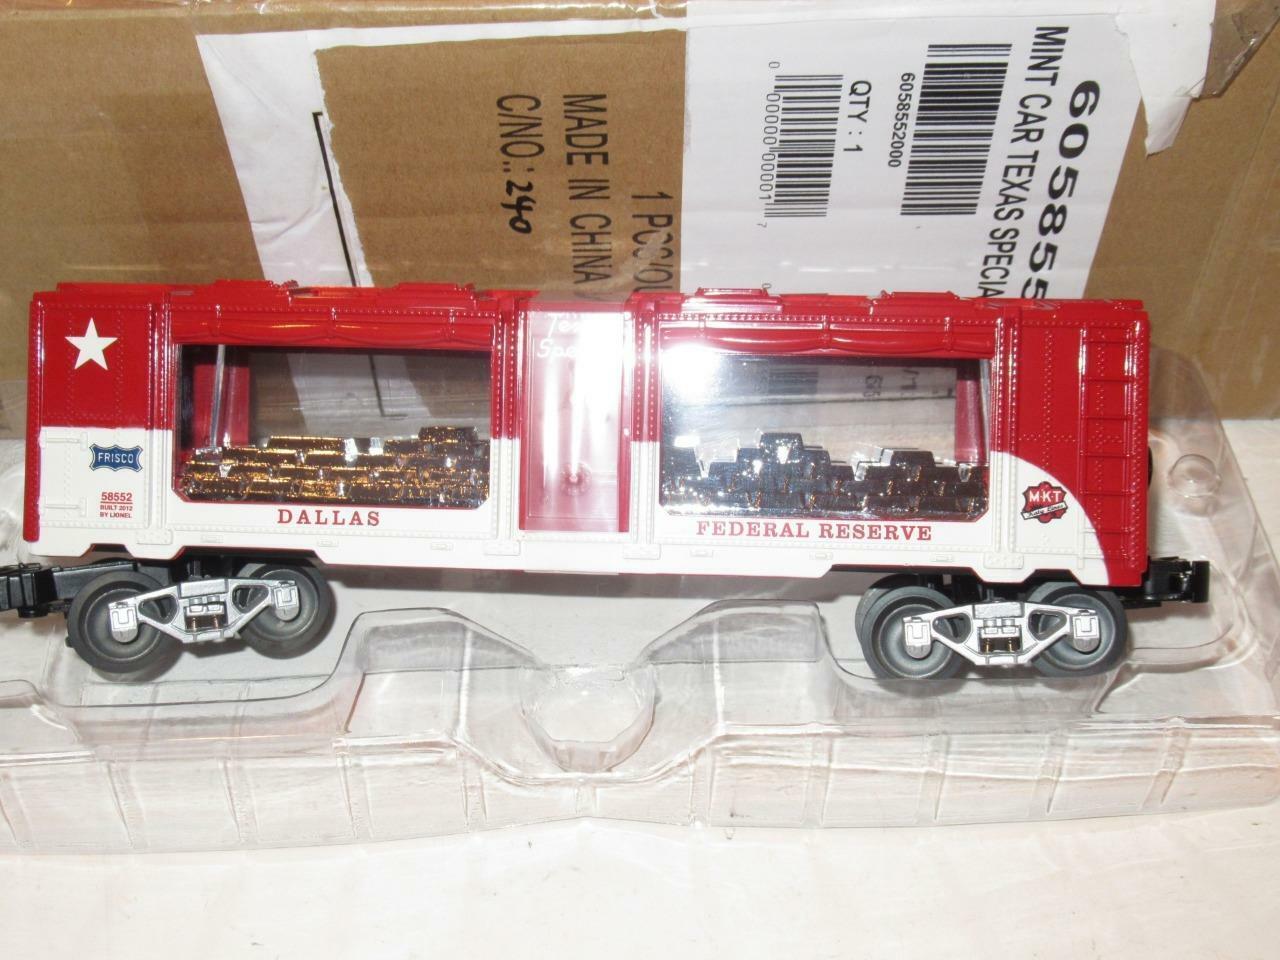 Lionel limitata Prod.  58552TCA Lone estrella Texas specialeee argentoo Nuovo di zecca autoNuovoB6